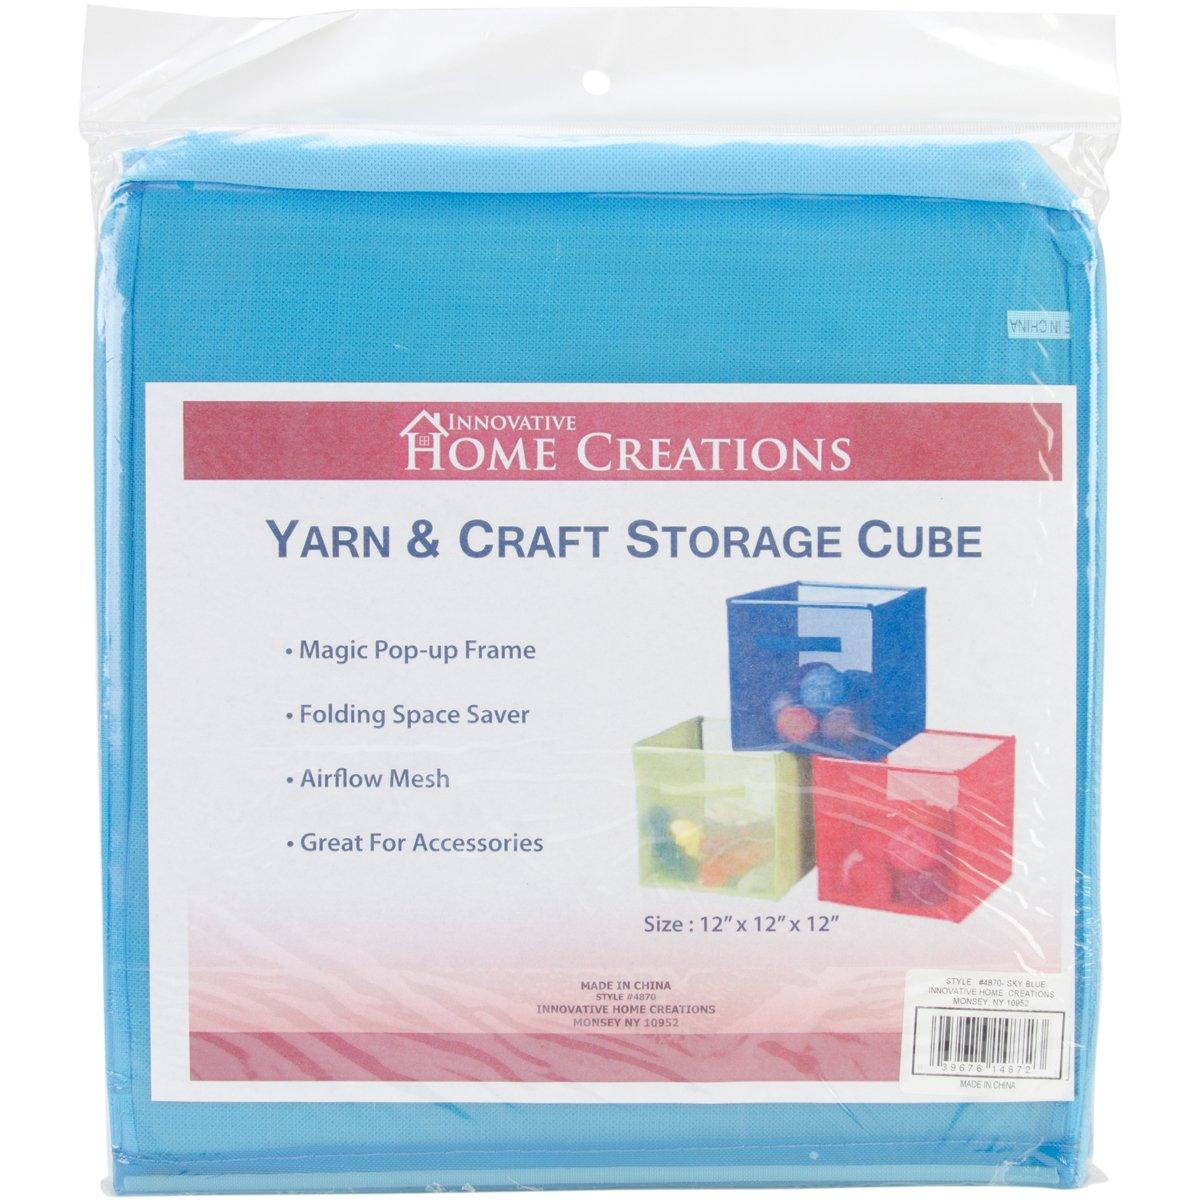 General Yarn & Craft Storage Cube 12''X12''X12''-Sky Blue